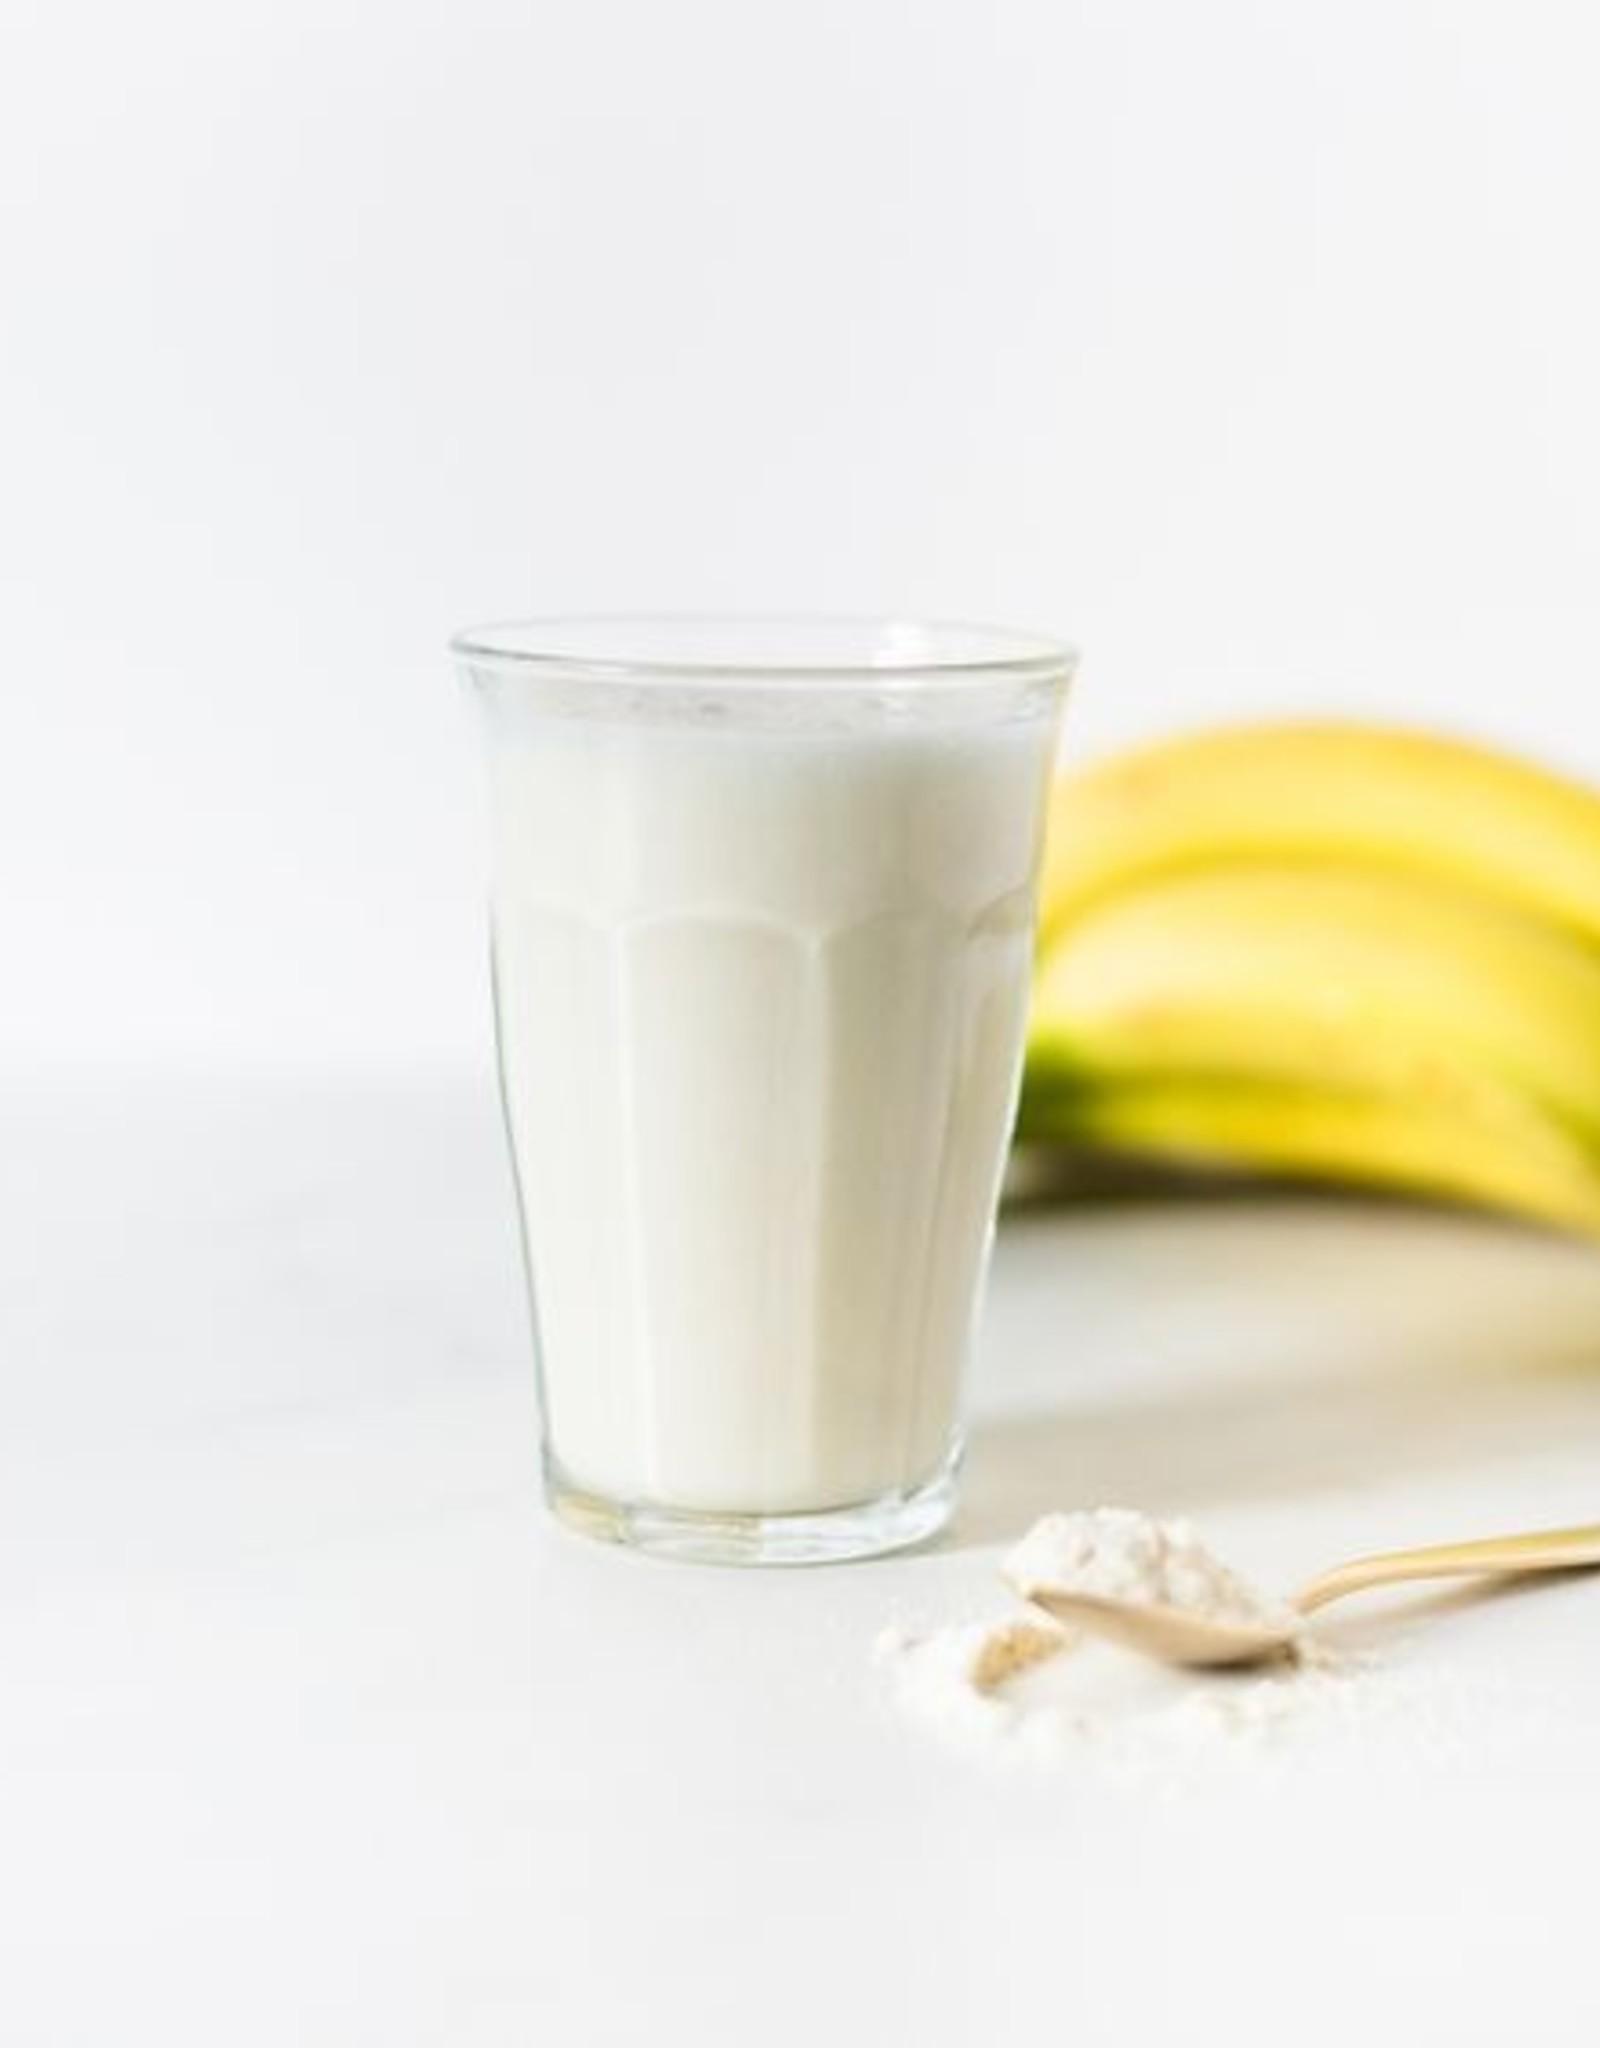 RainPharma Rainpharma - SNP BOX Blissful Banana